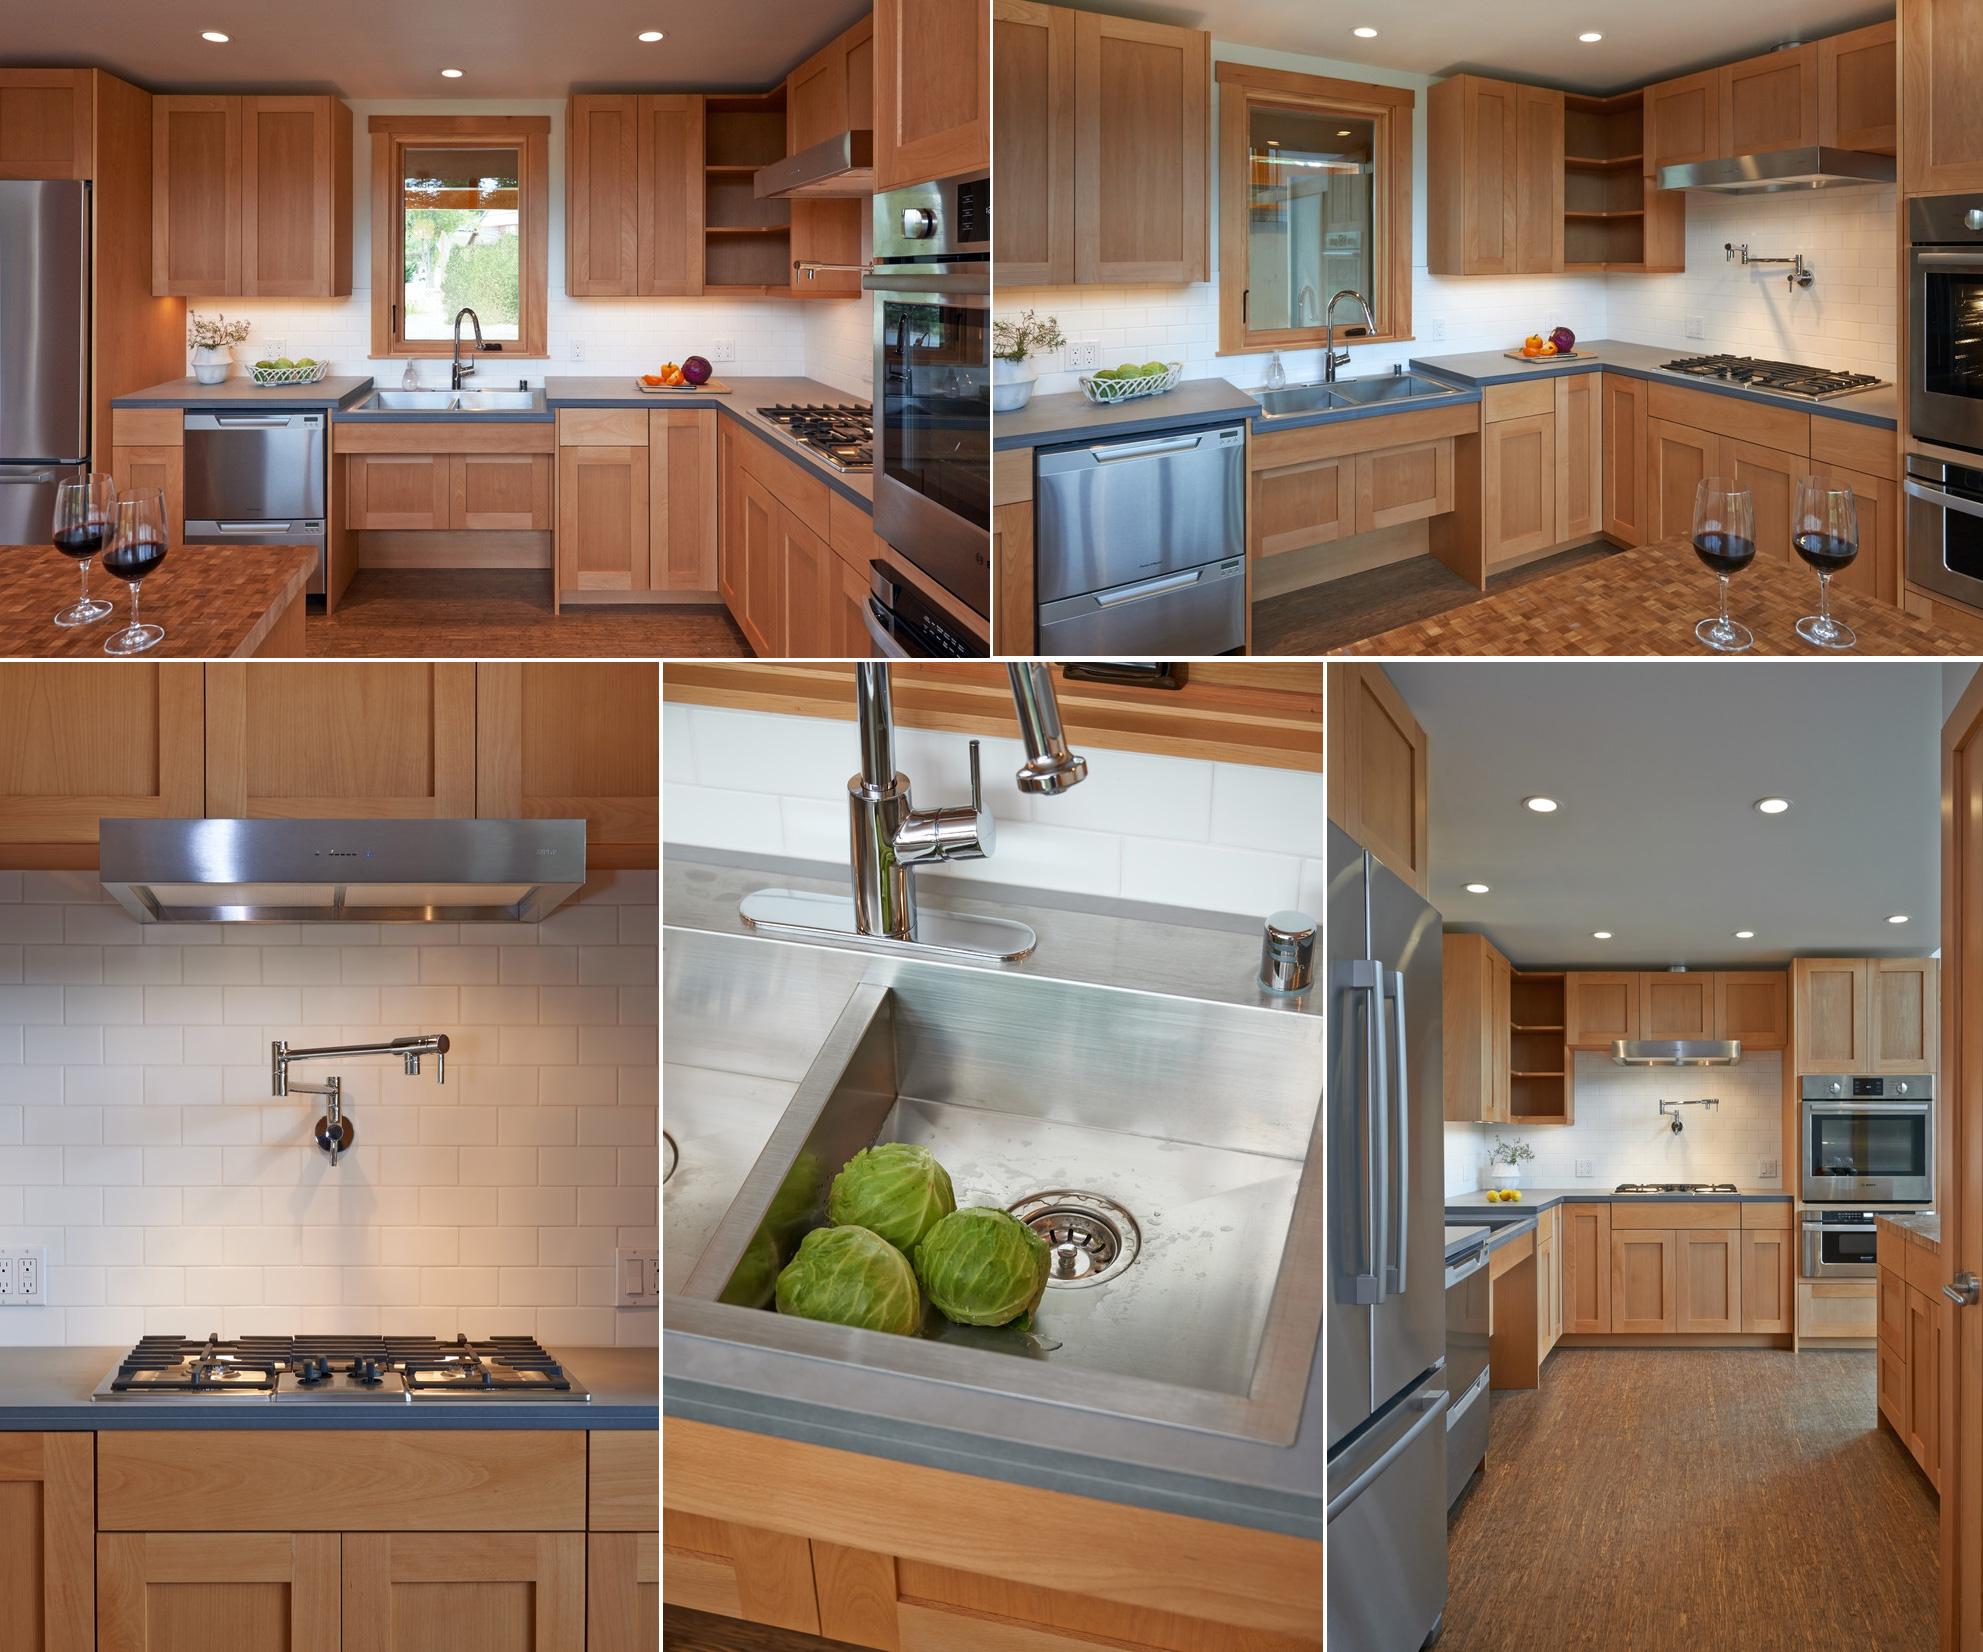 Дизайн кухни в доме человека с ограниченными возможностями